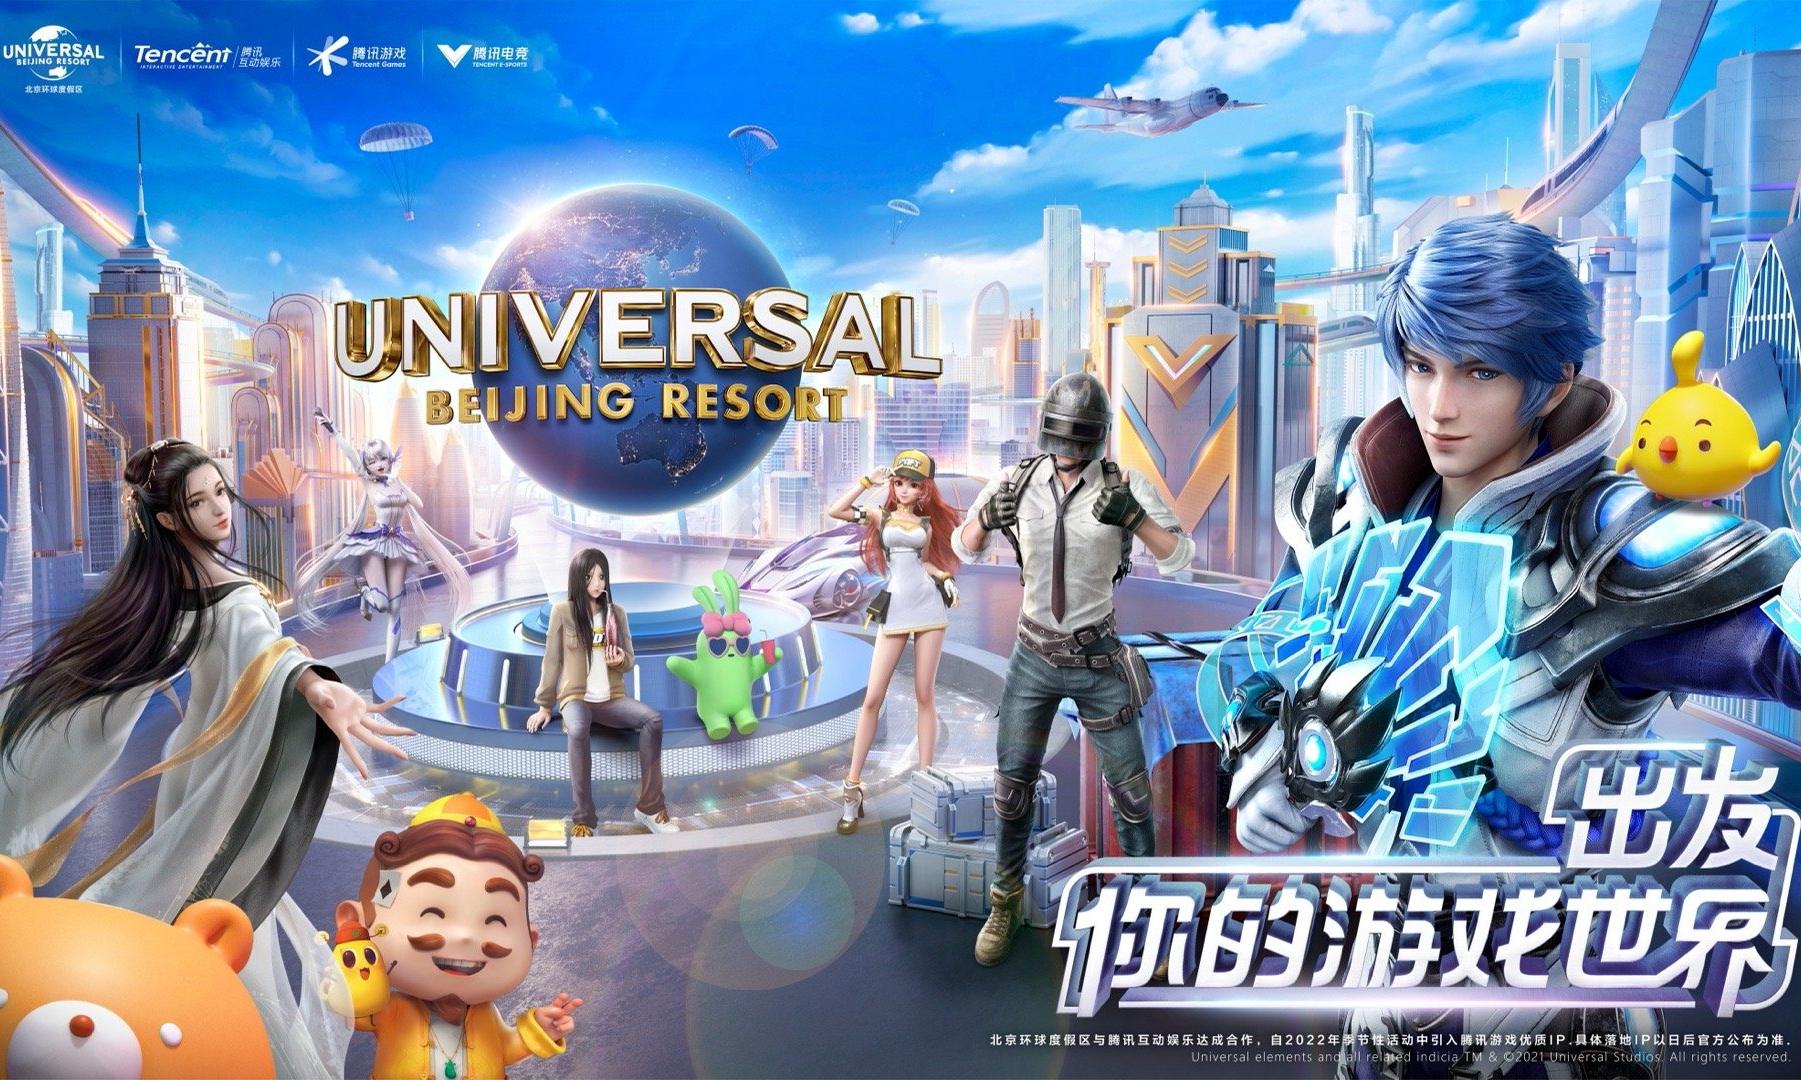 北京环球度假区即将引入腾讯游戏 IP